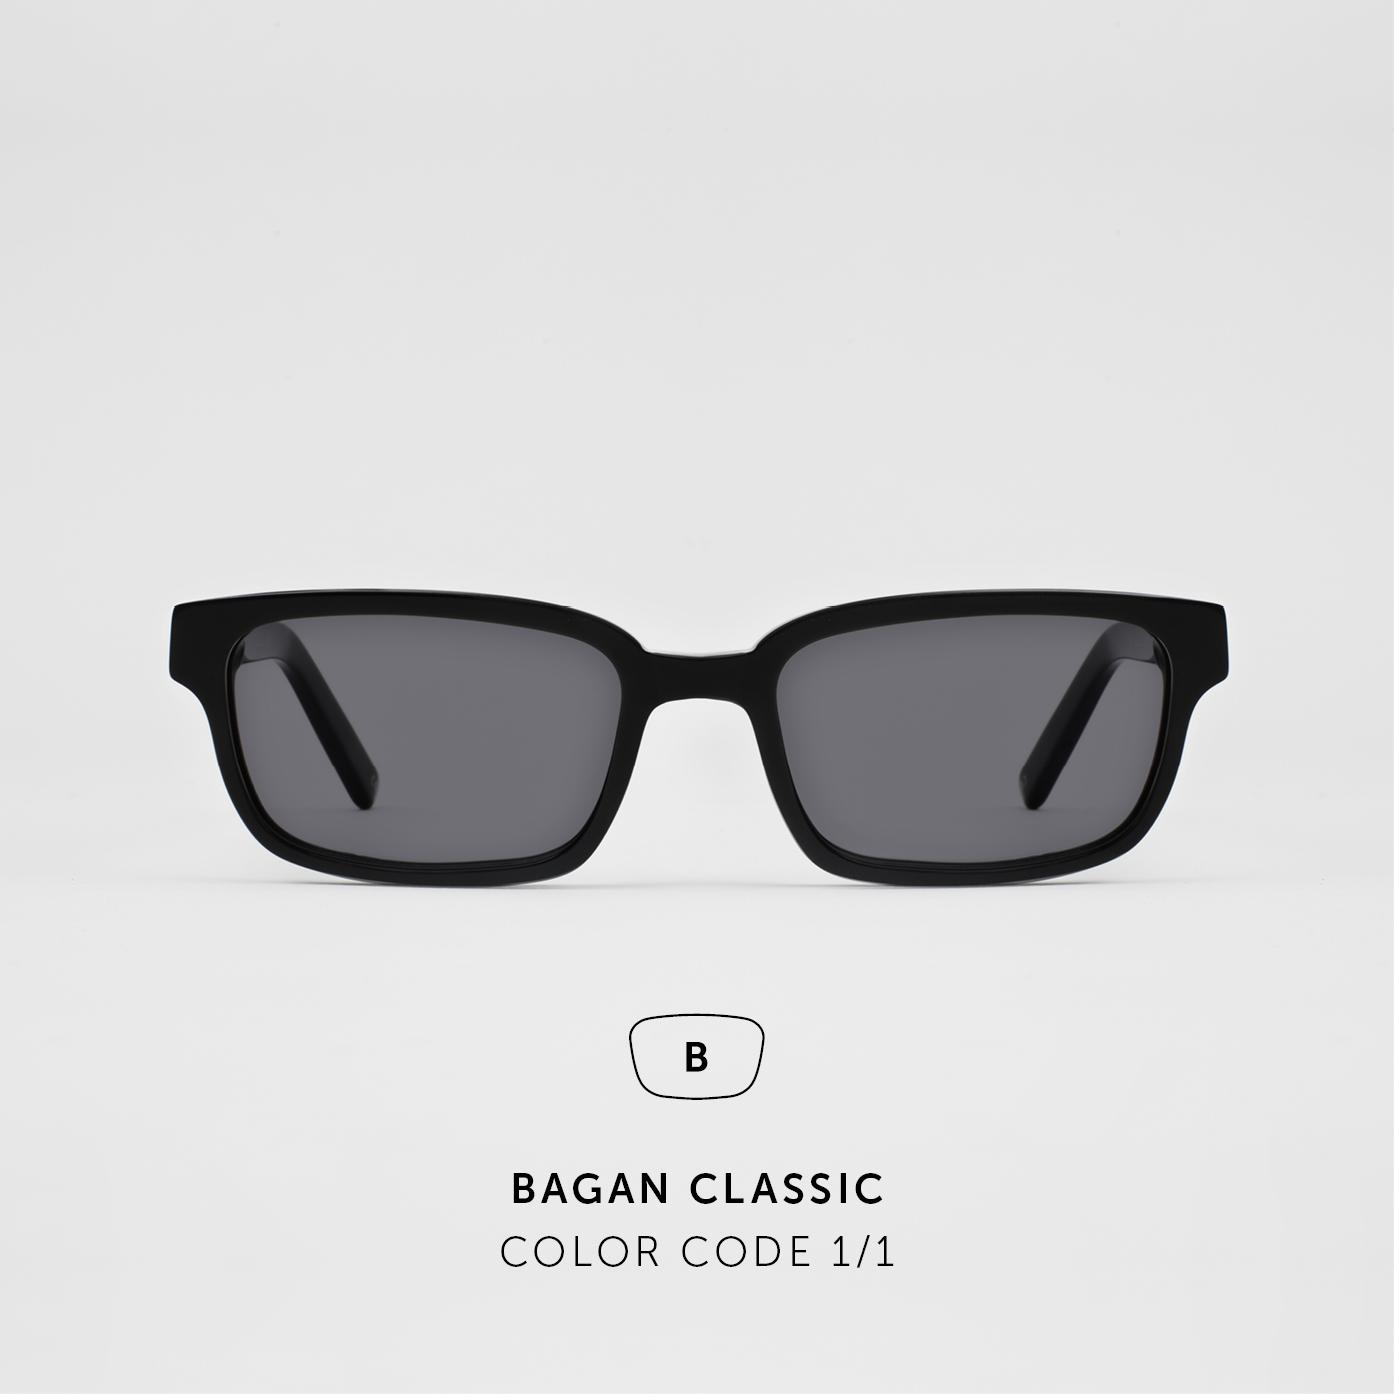 BaganClassic3.jpg